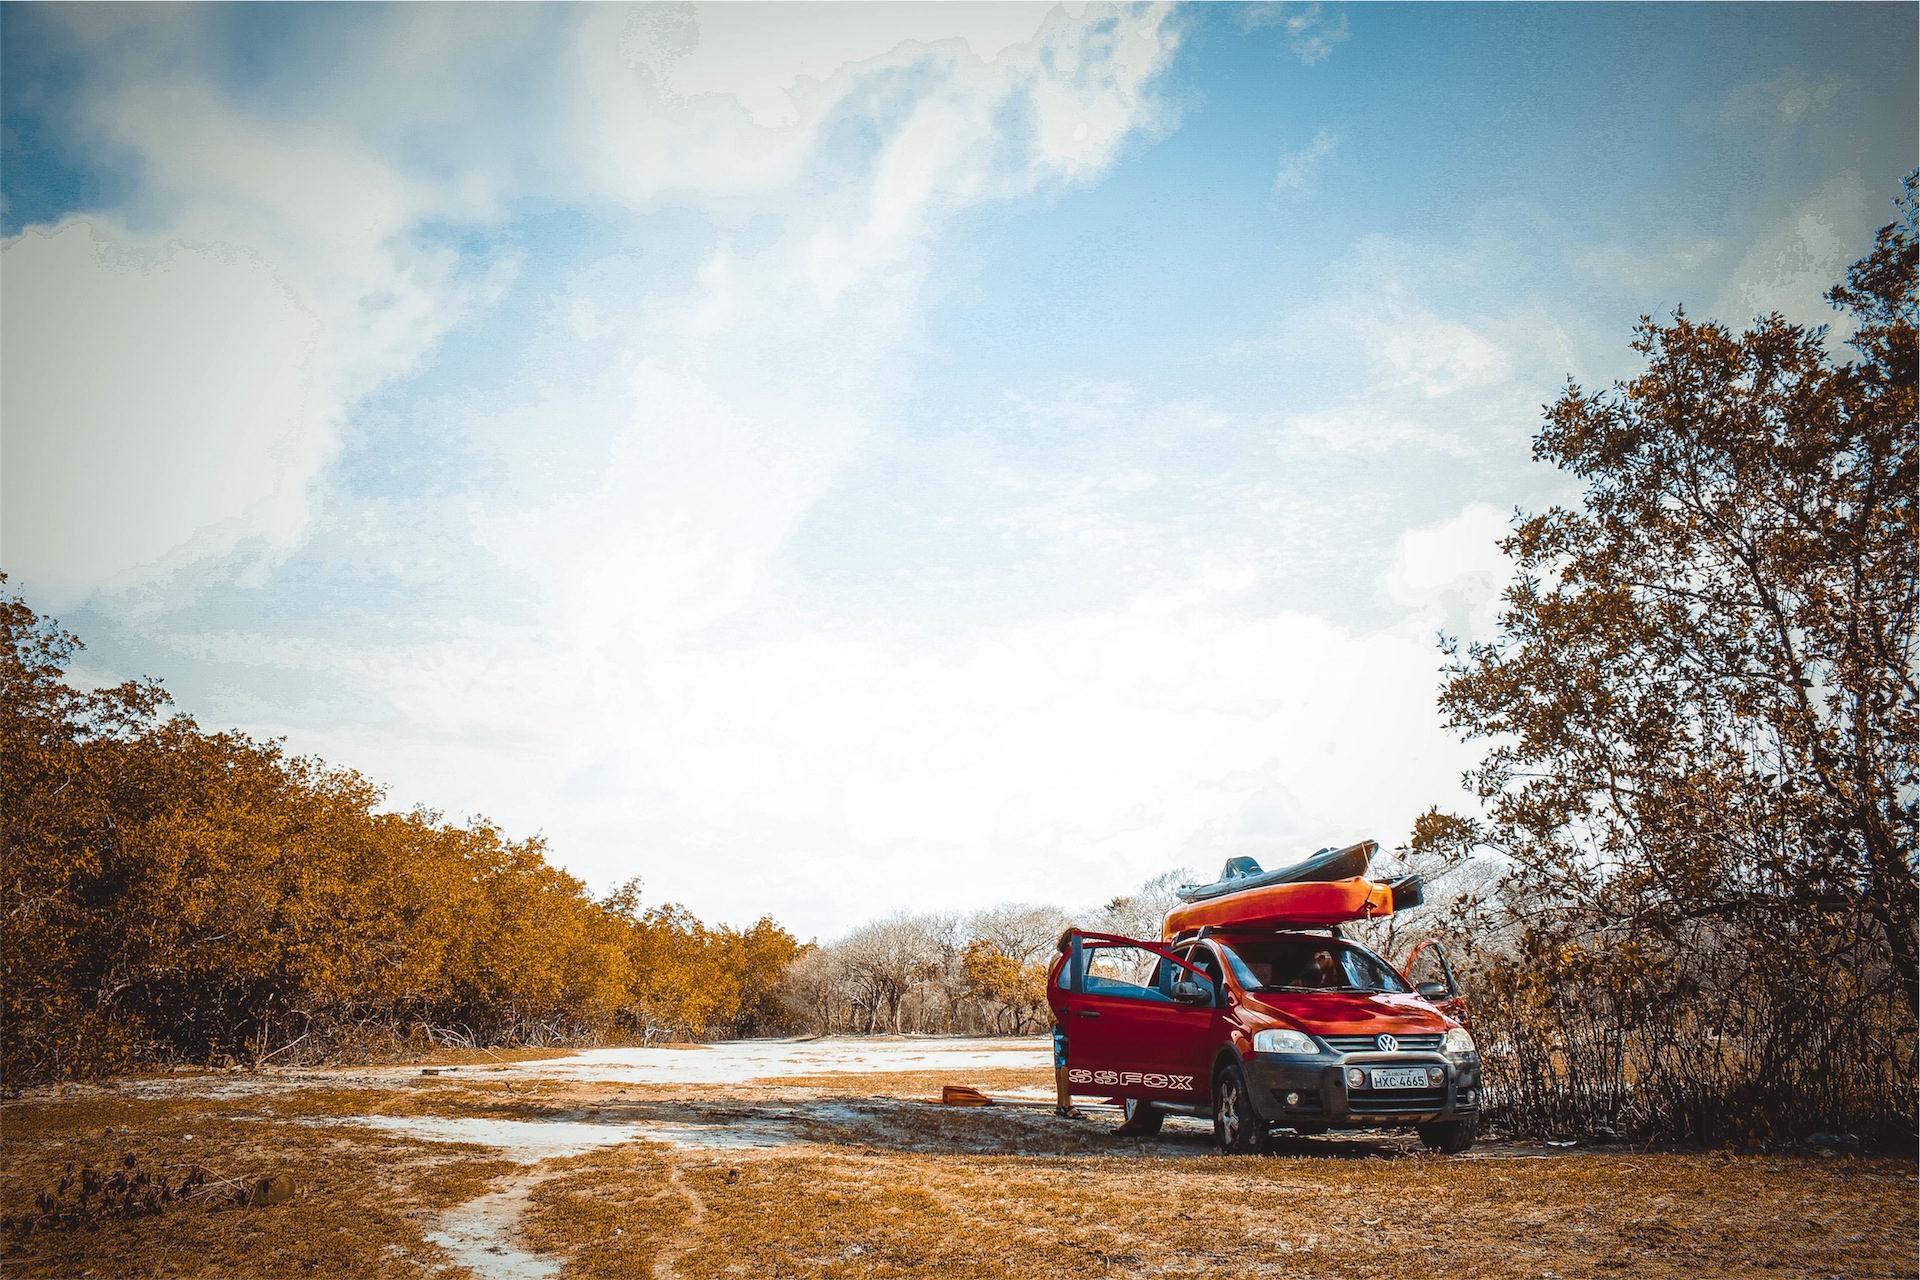 coche, deporte, aventura, acción, otoño - Fondos de Pantalla HD - professor-falken.com